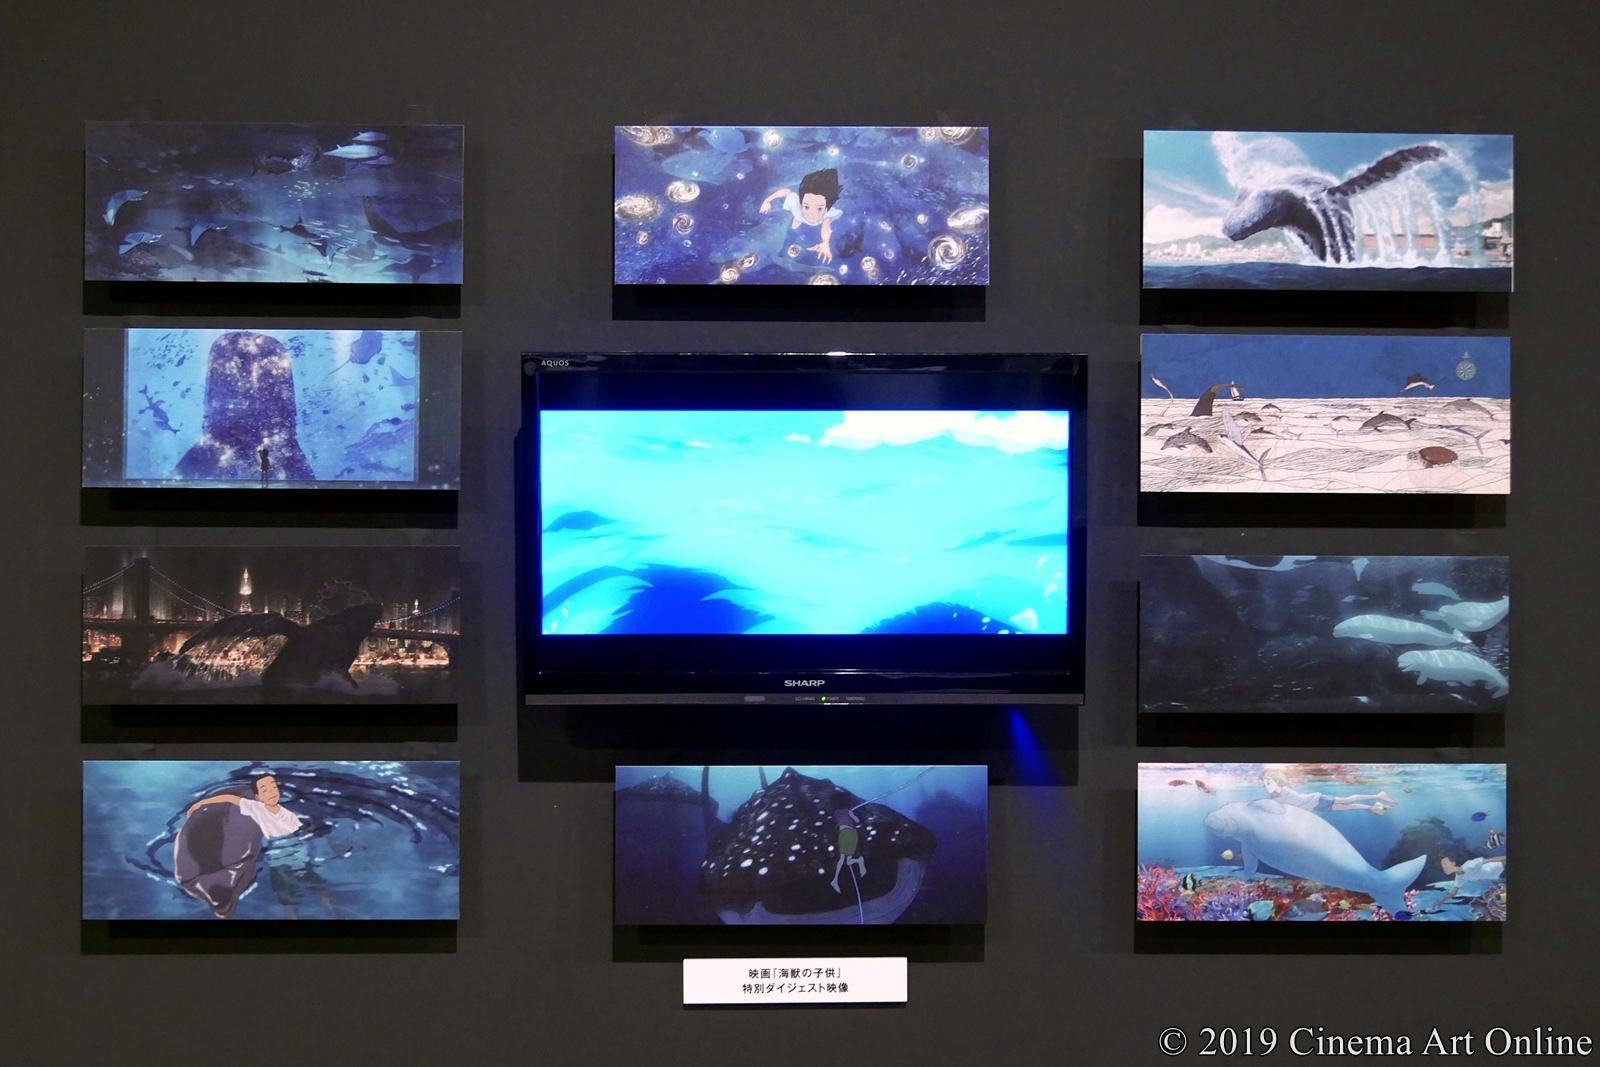 【写真】映画『海獣の子供』×「大哺乳類展2」